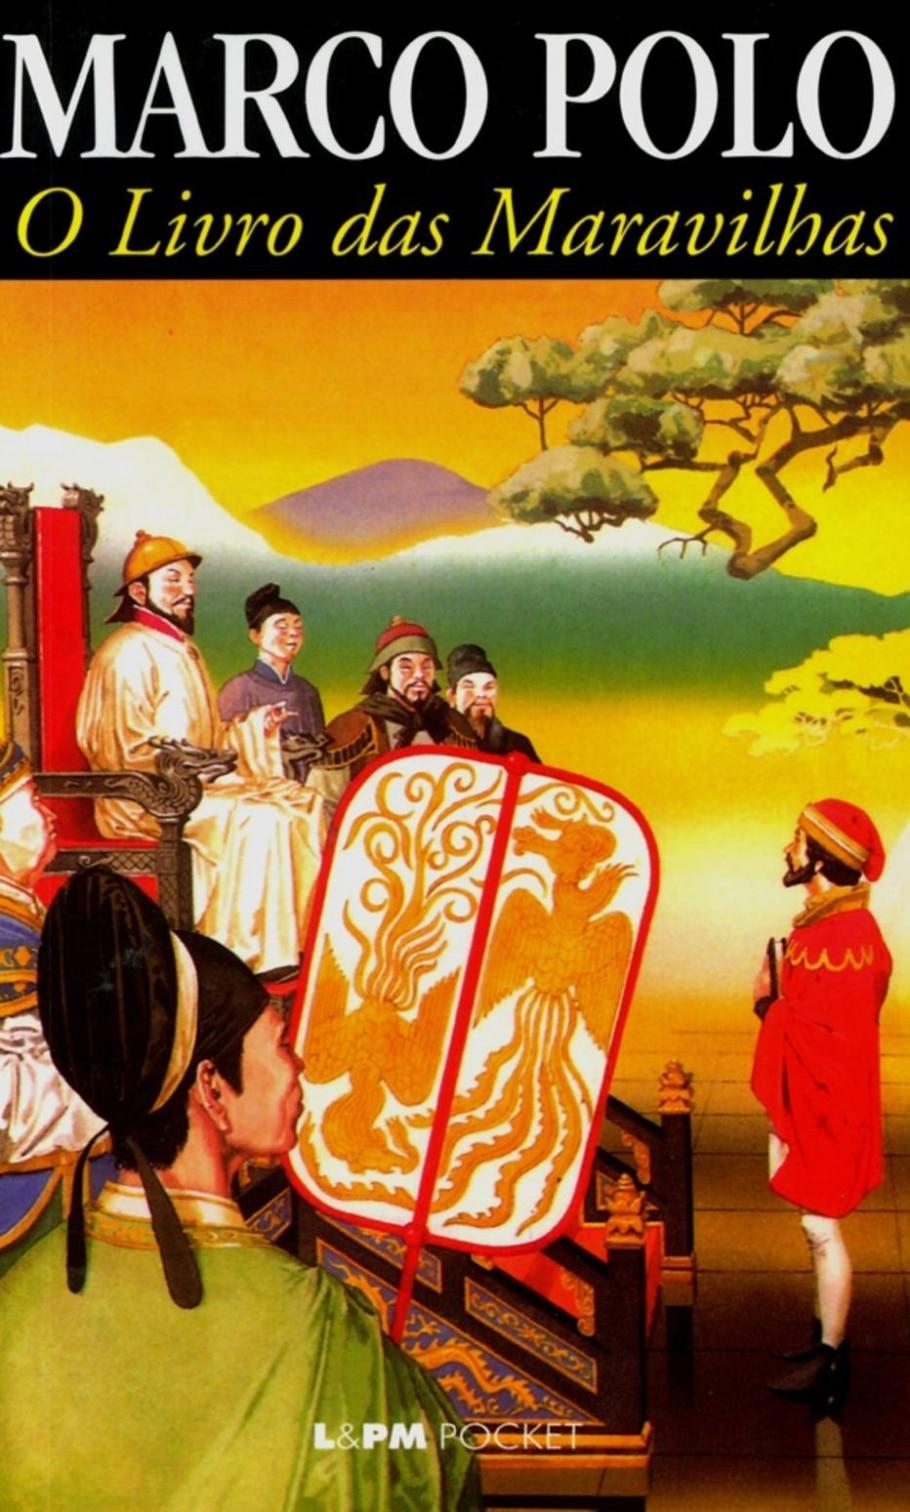 O livro das Maravilhas, de Marco Polo - Divulgação